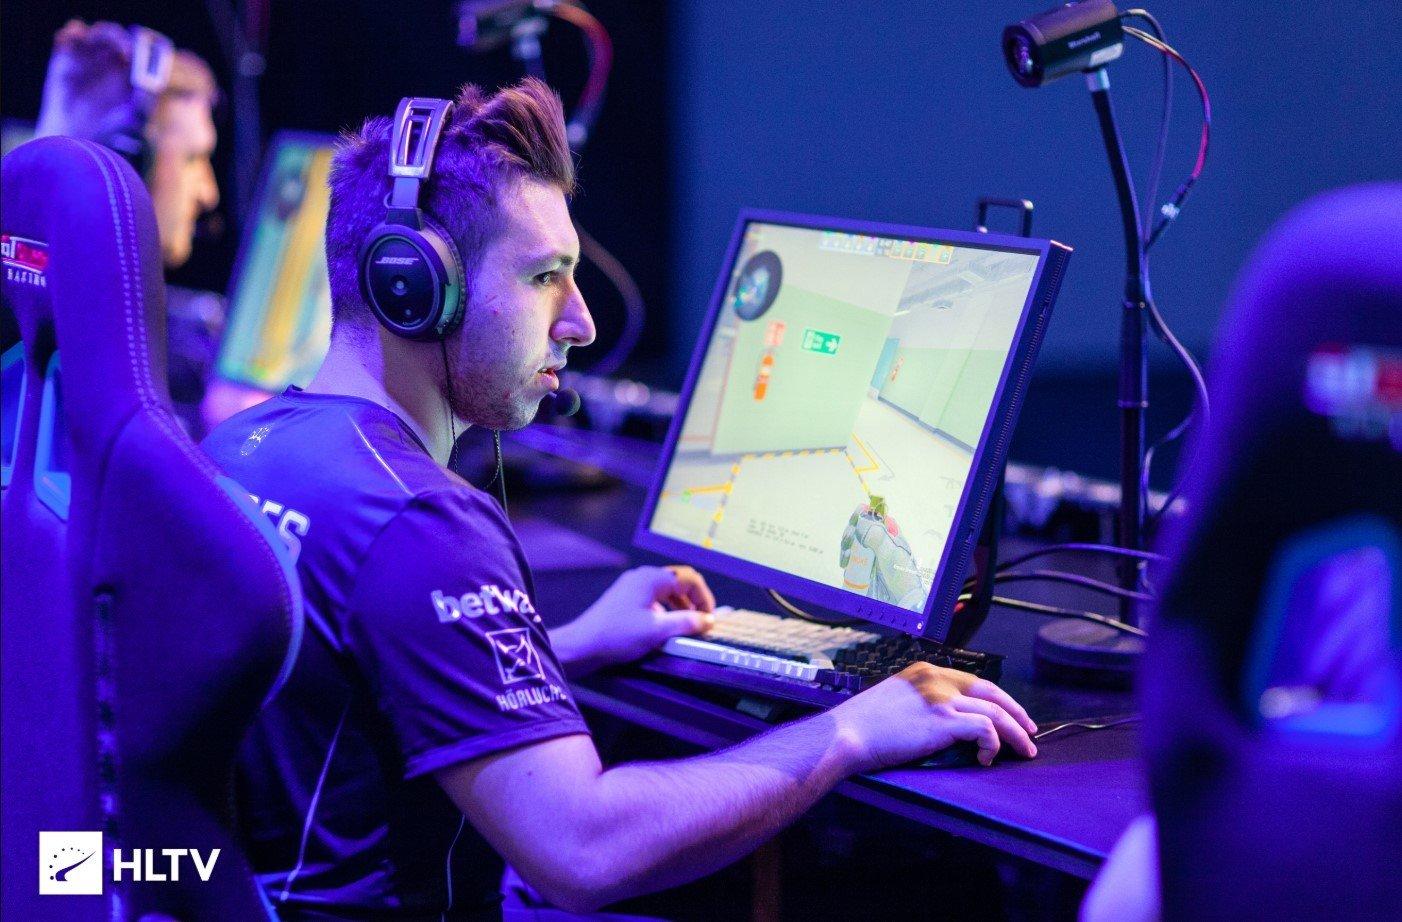 BIG выиграли второй RMRтурнир в финале немцы победили Team Vitality